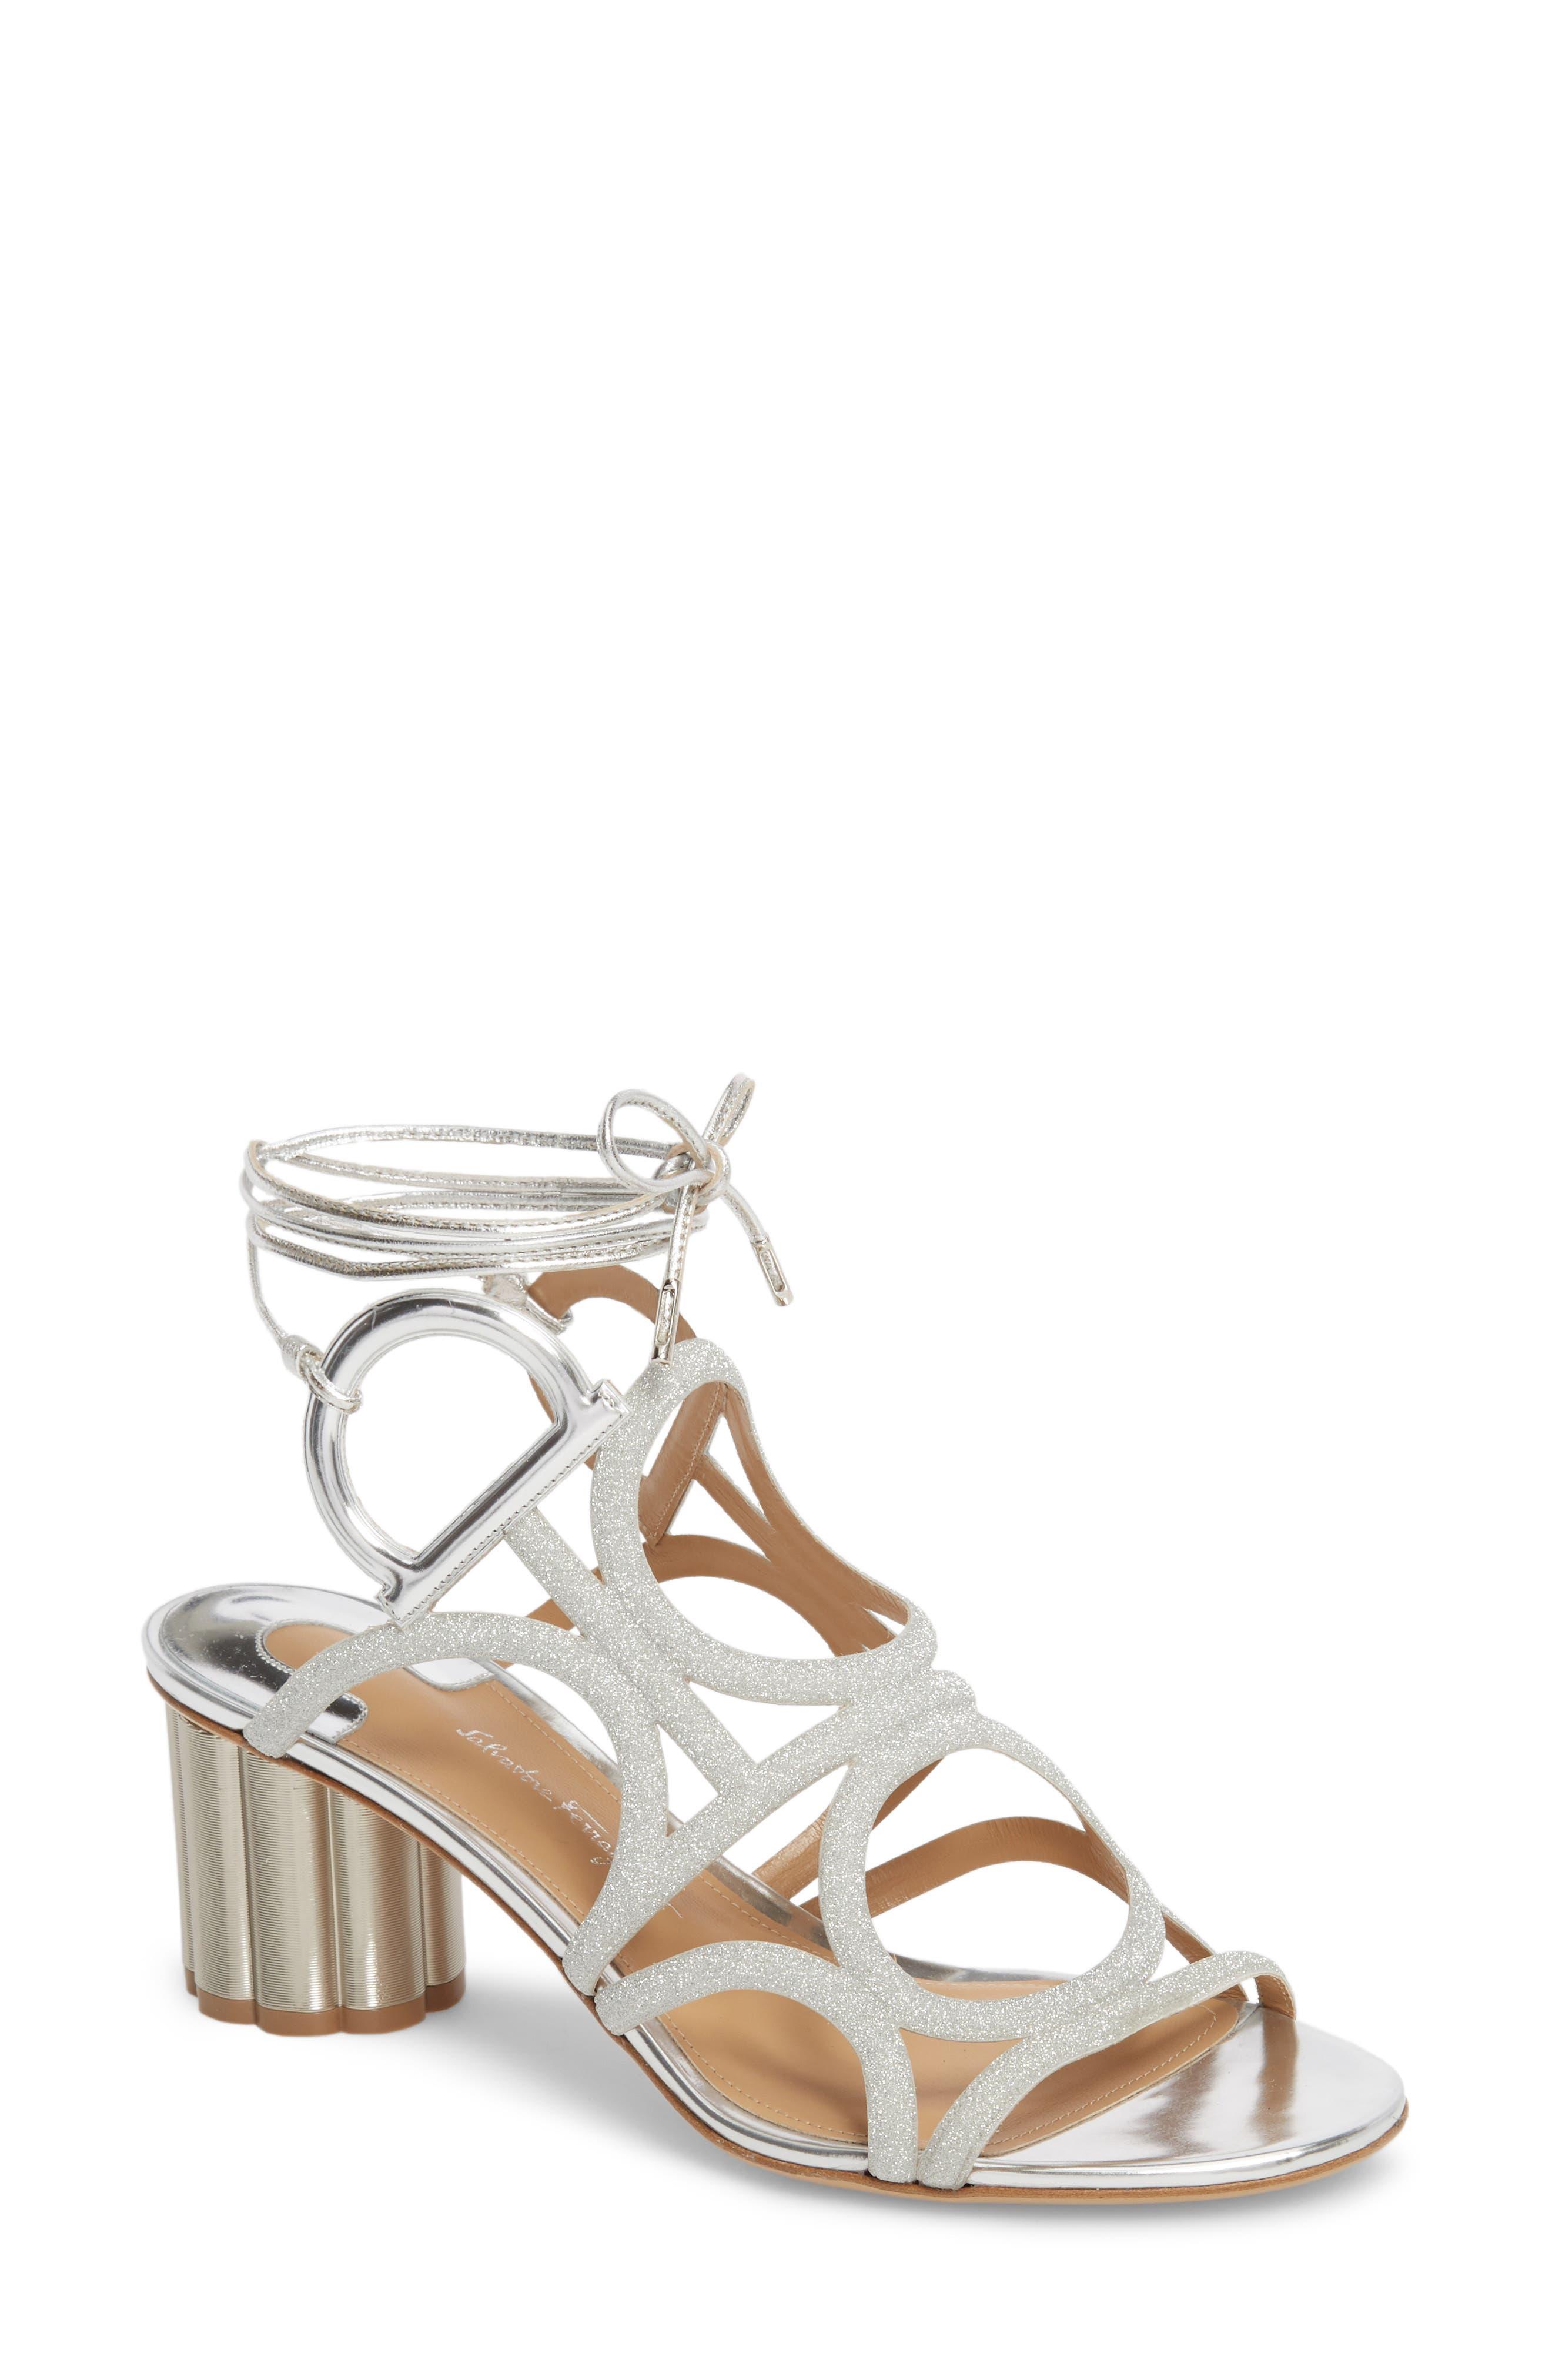 Main Image - Salvatore Ferragamo Vinci Lace-Up Sandal (Women)